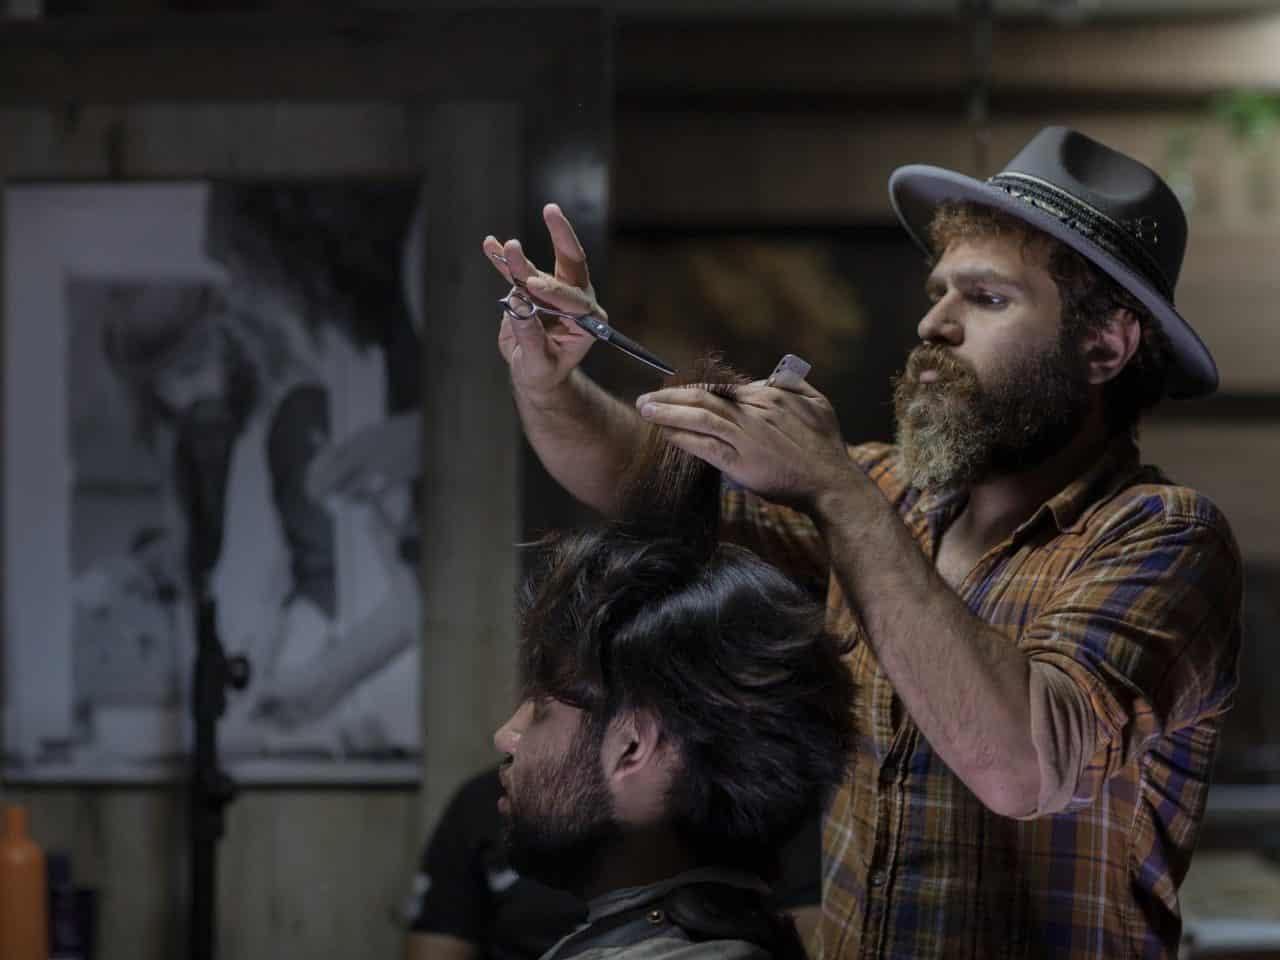 https://pr-helden.de/wp-content/uploads/2020/12/barber-shop-5212059_1920-1280x960.jpg